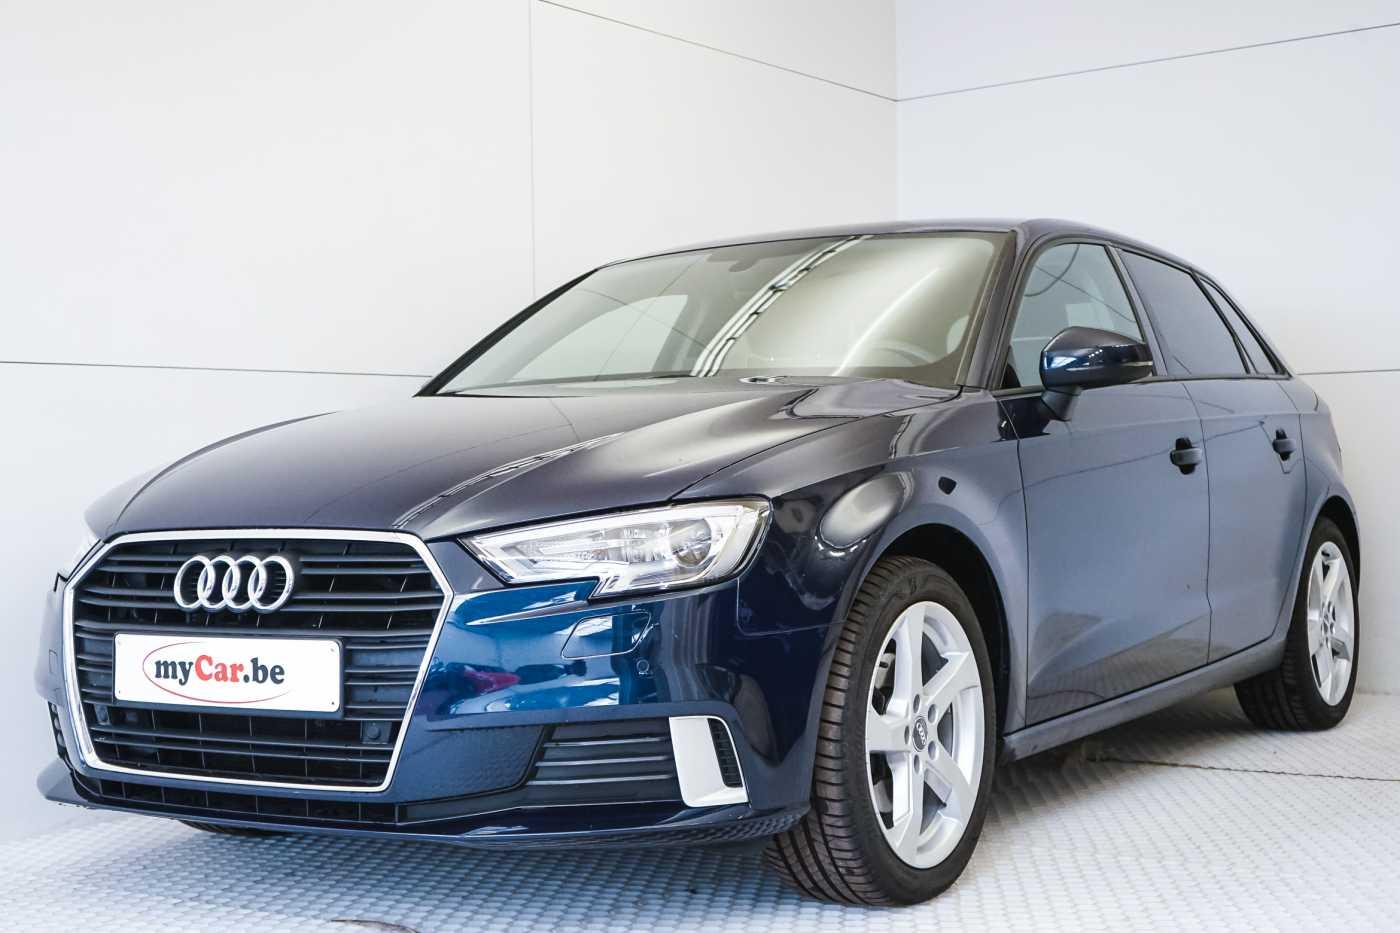 Audi A3 1.6 TDi Sport // dualzone airco, navi, zetelverwarming 1/33